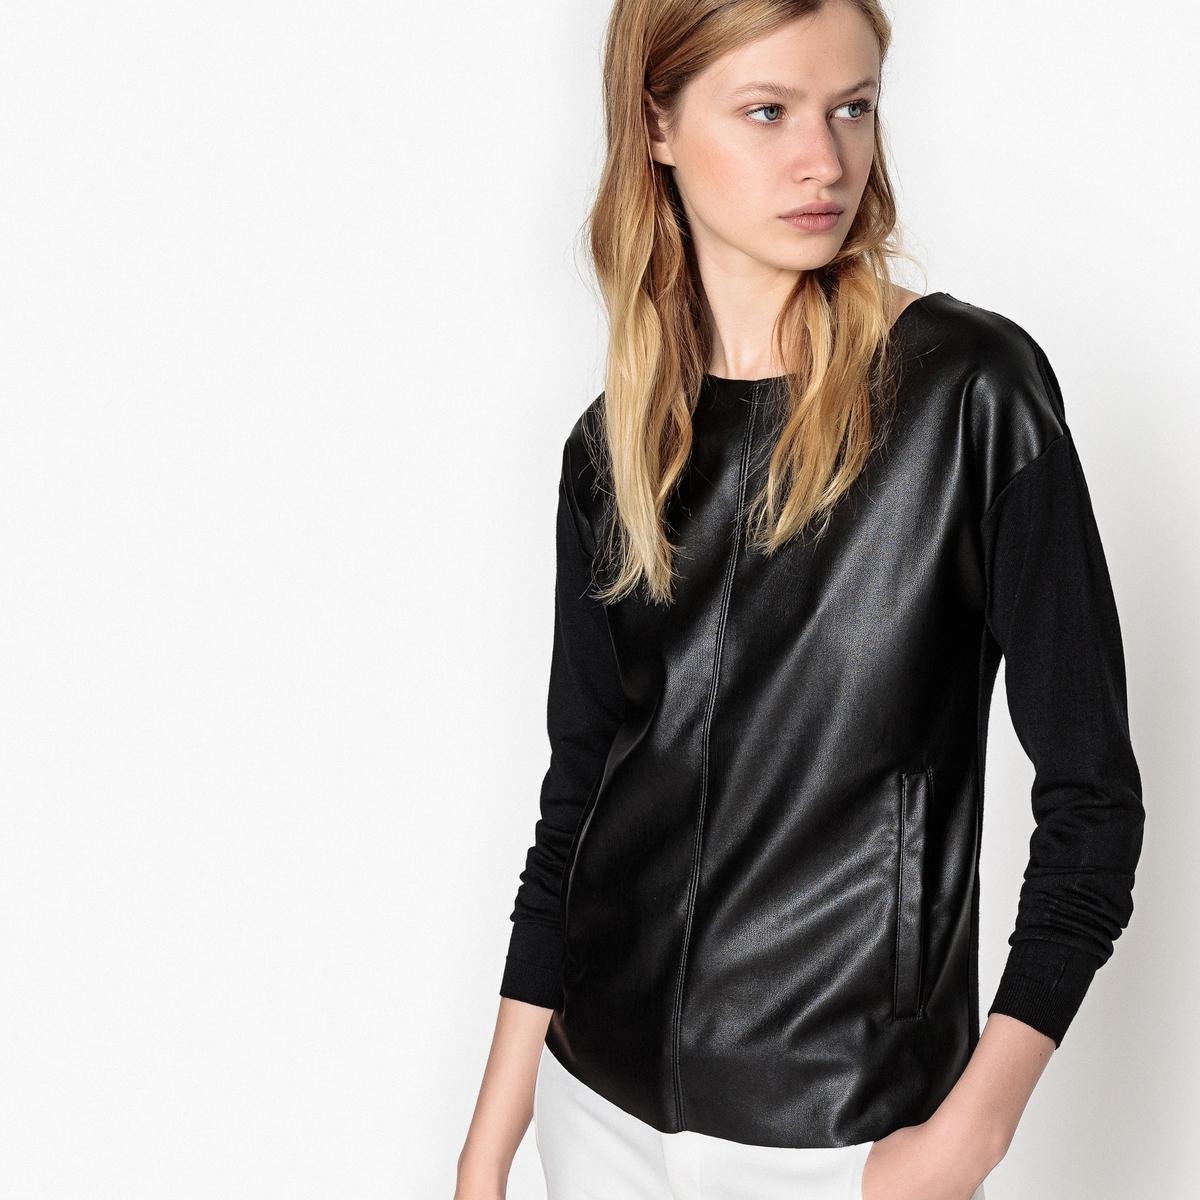 Пуловер La Redoute С круглым вырезом из тонкого трикотажа S черный цена